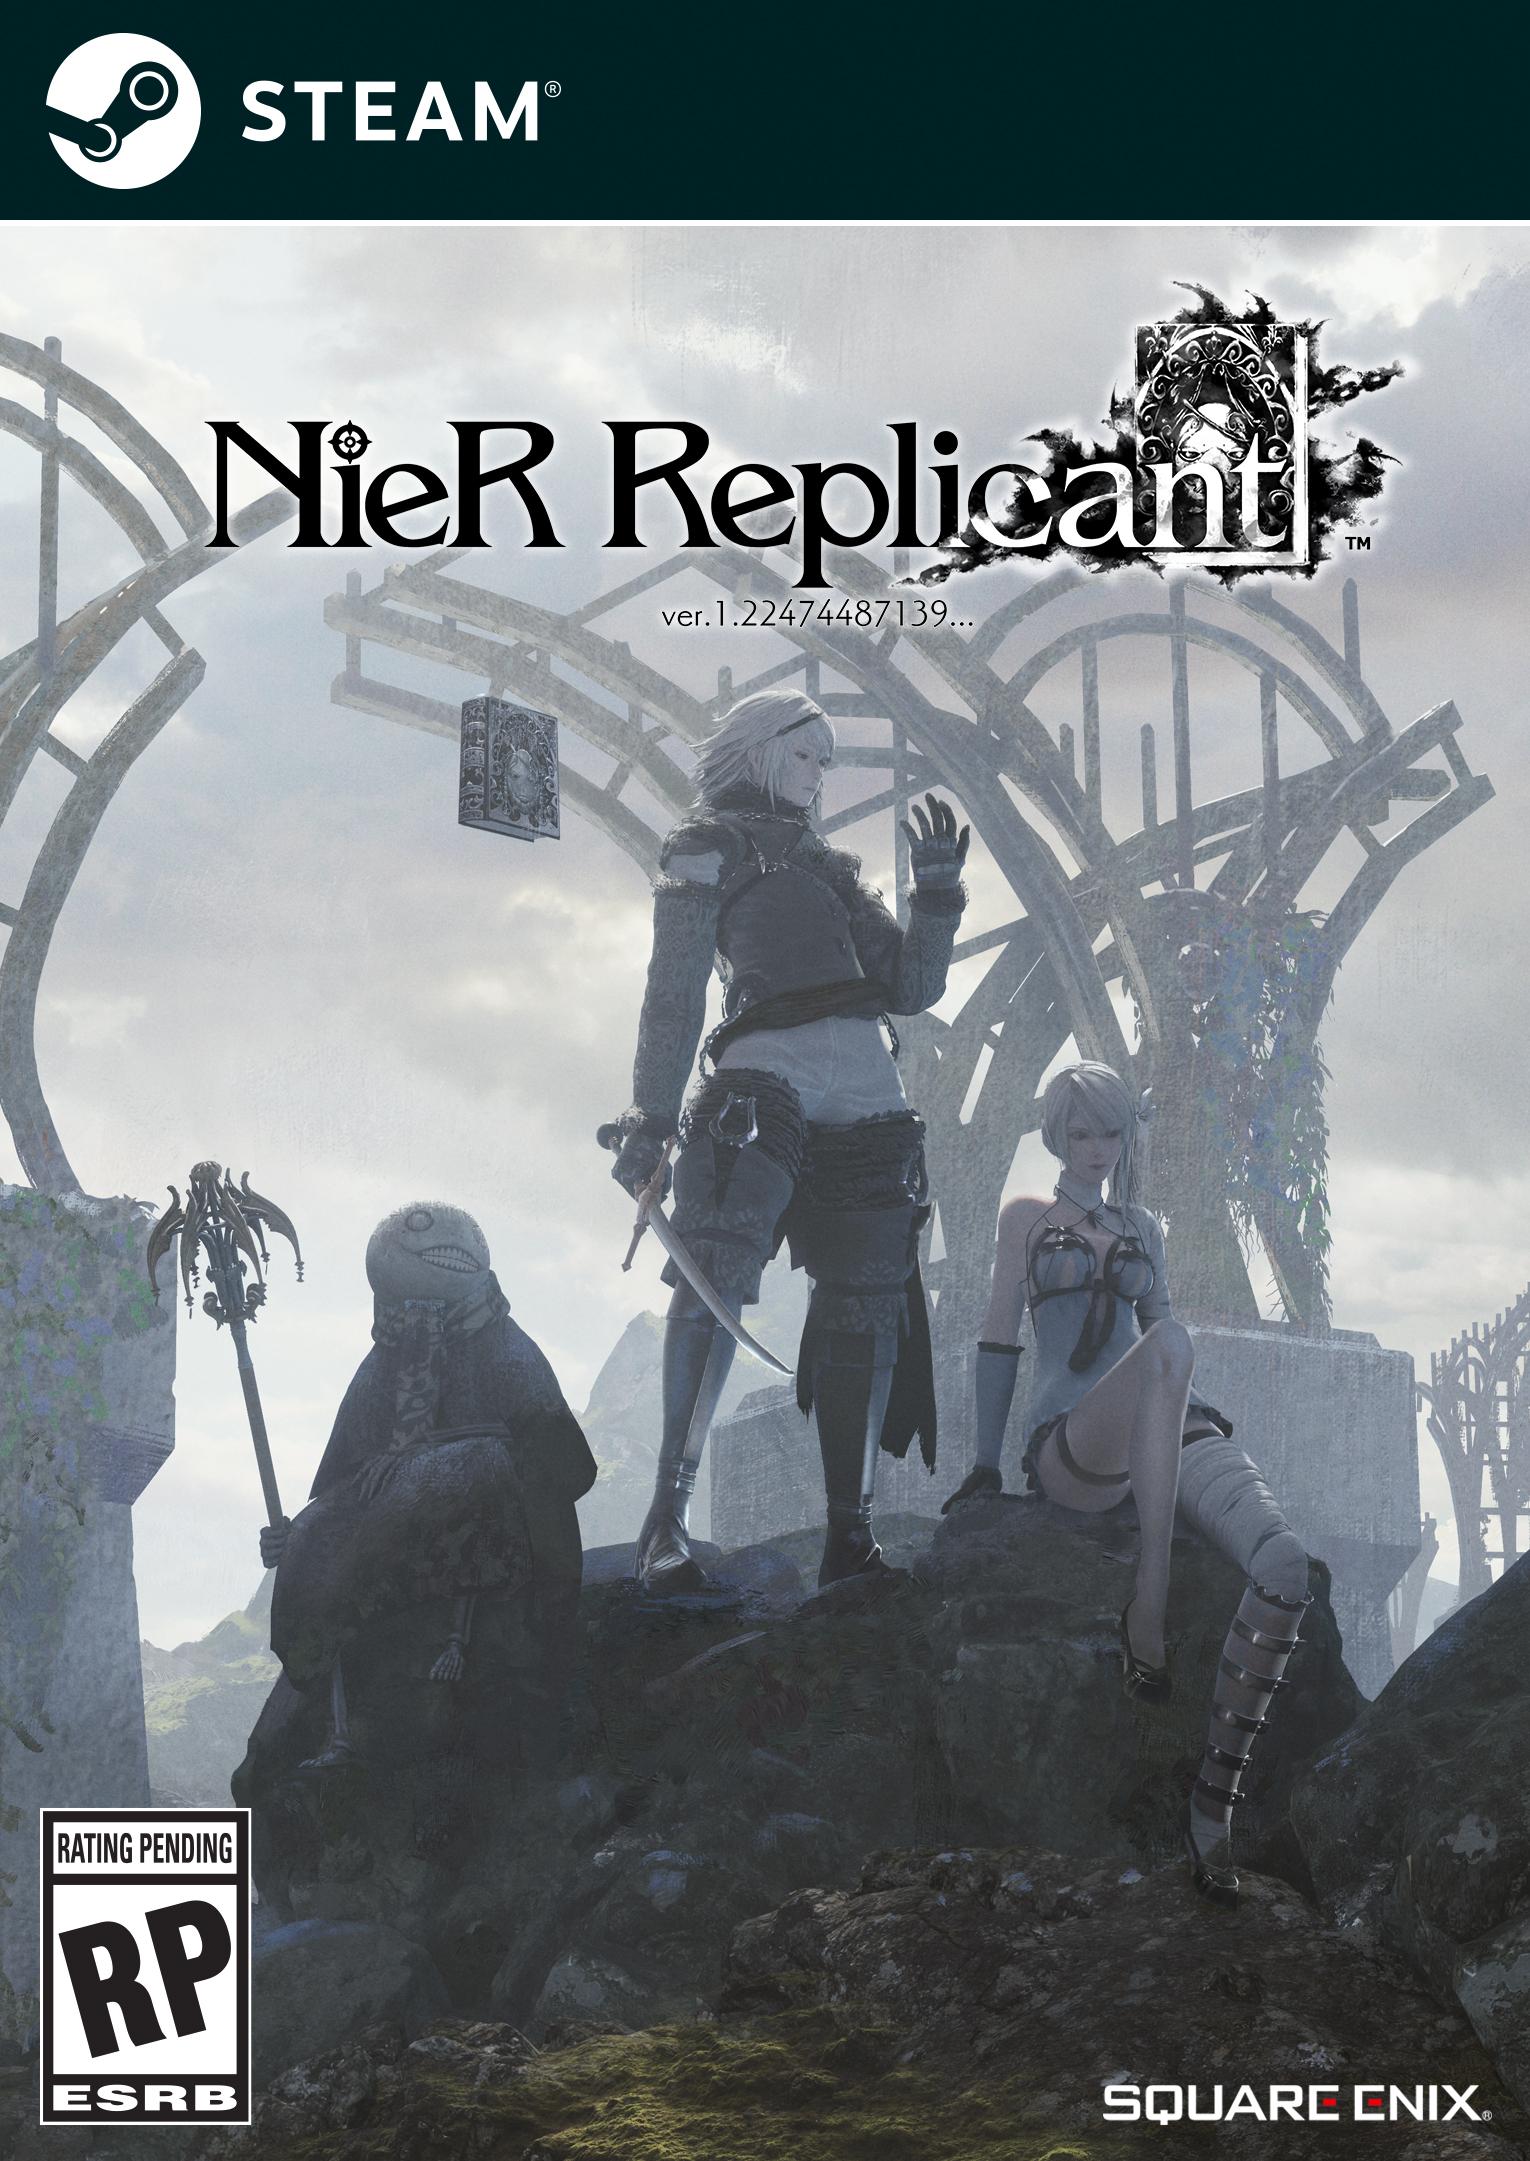 NieR-Replicant-Ver-1-22474487139_2020_09-24-20_018